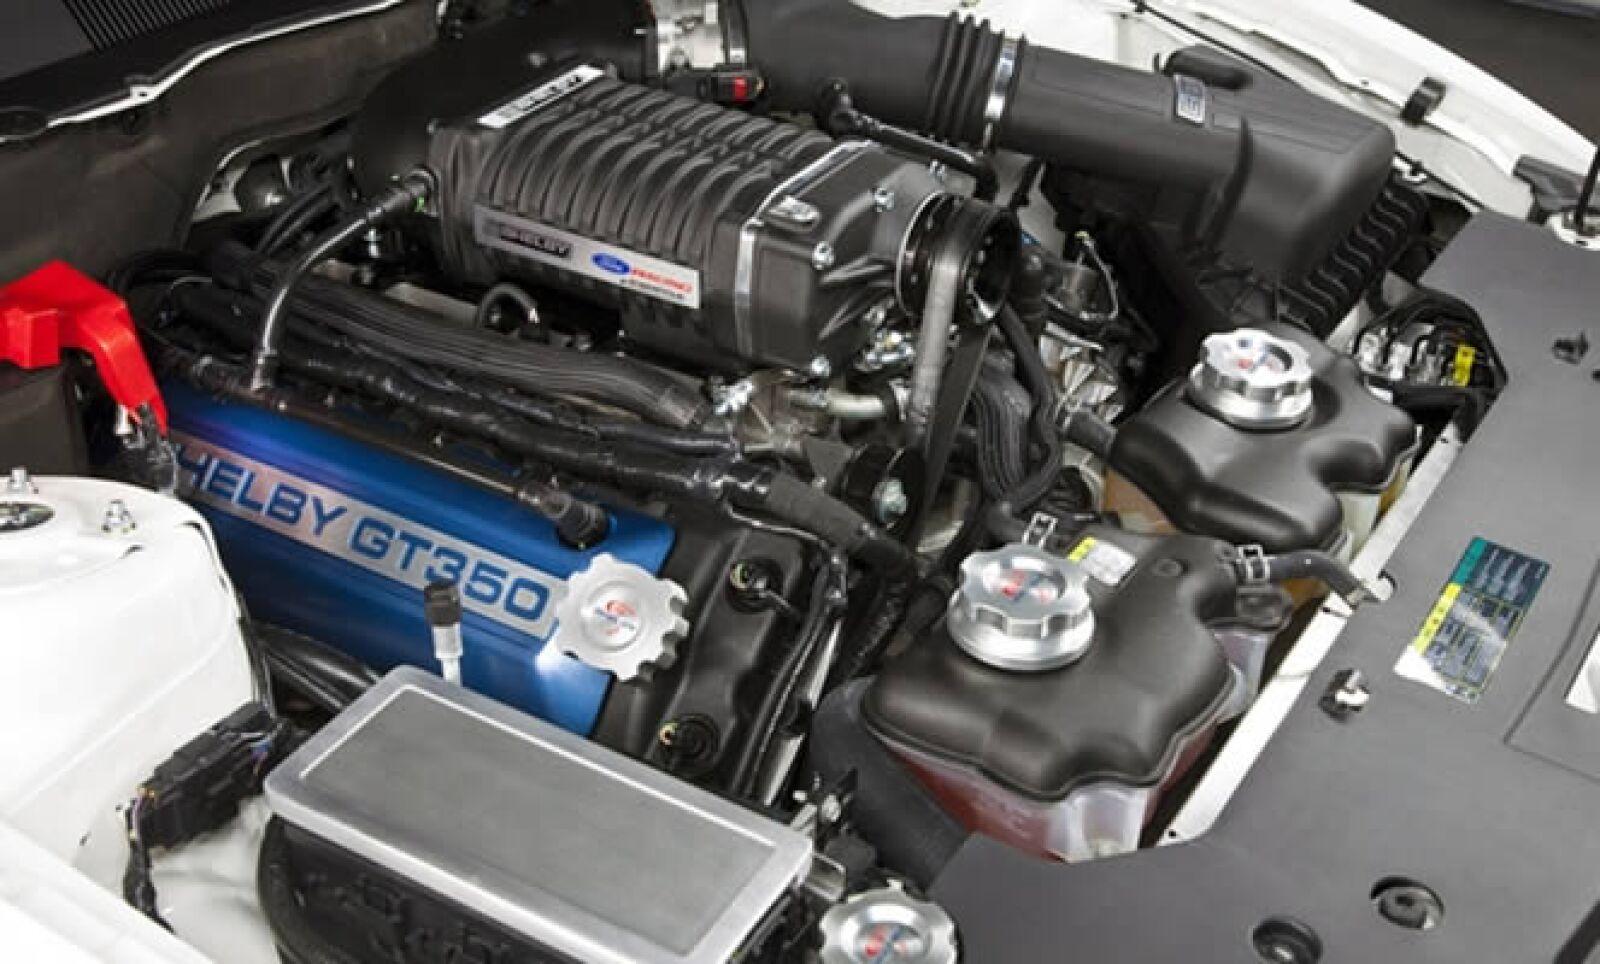 El GT350 tendrá un kit de acondicionamiento mecánico, suspensión mejorada, frenos de alto rendimiento, rines de 19 pulgadas entre otras cosas. Su costo oscilará los 65,000 dólares.